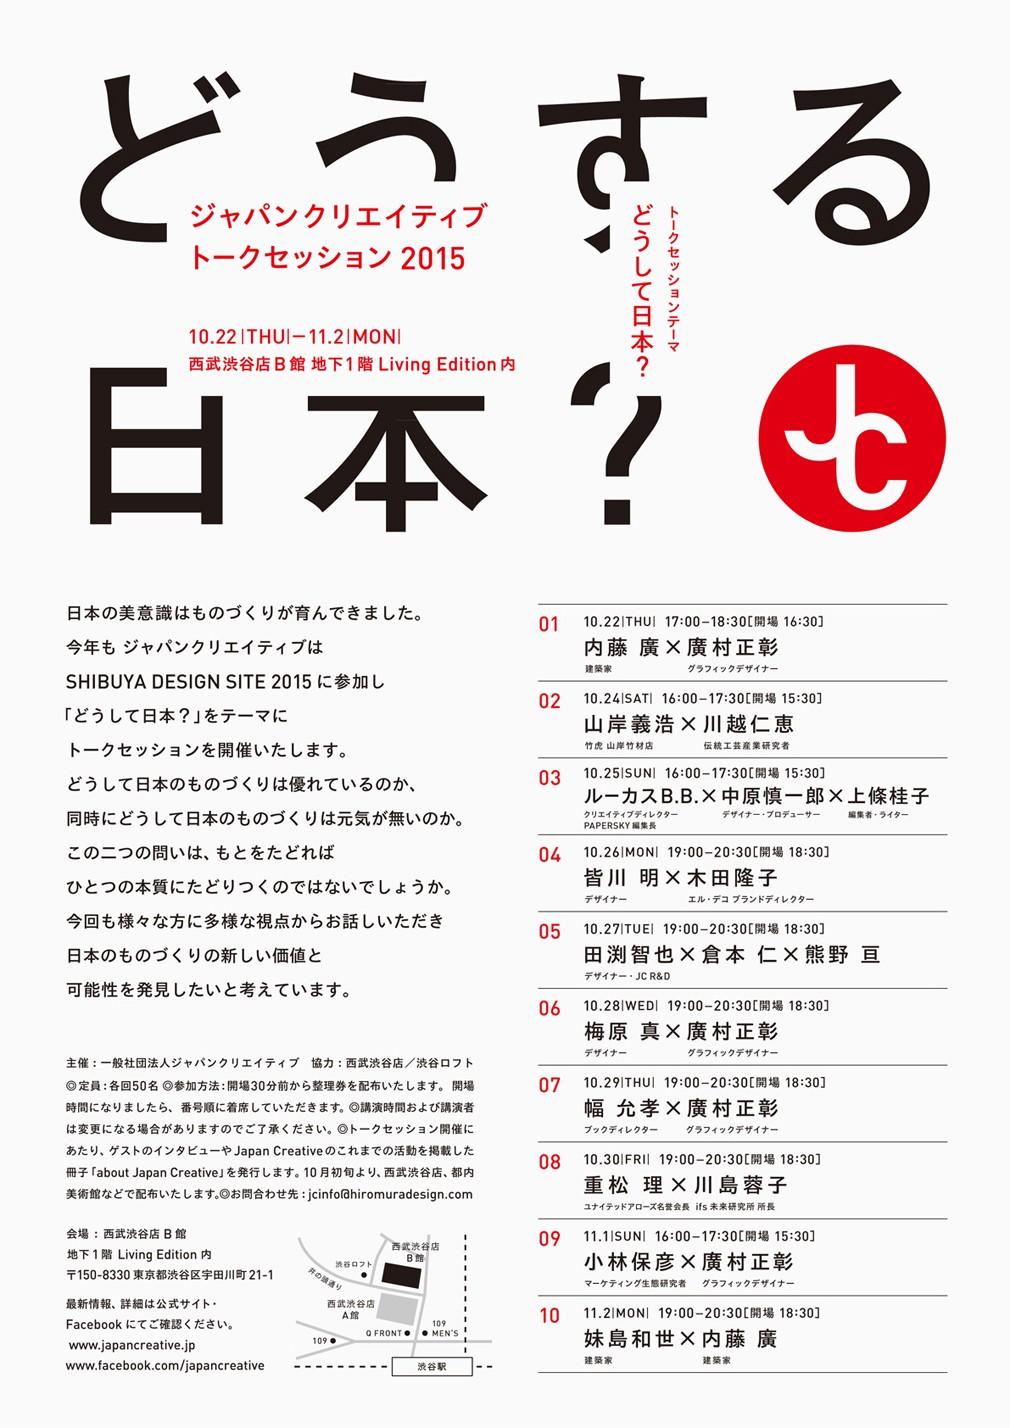 「ジャパンクリエイティブ」トークセッション 2015